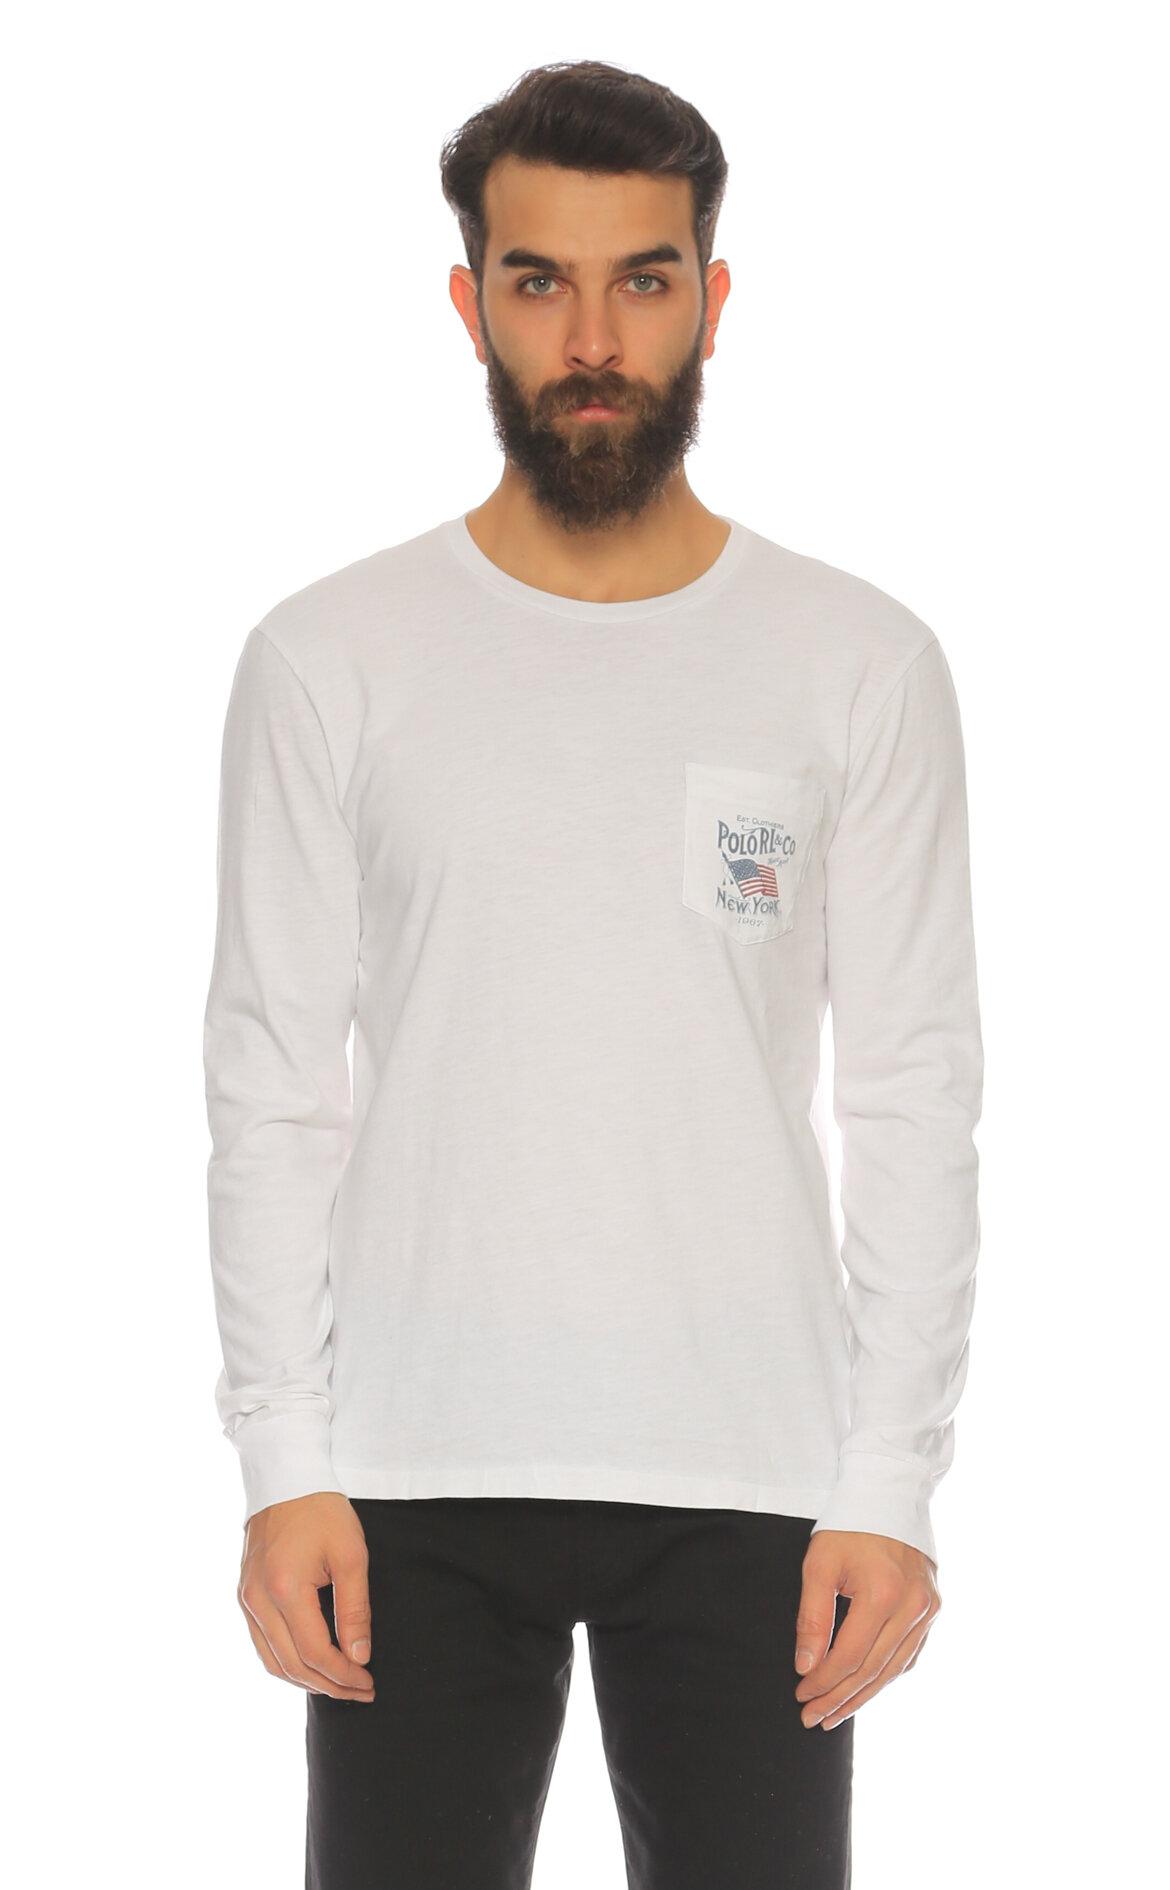 Polo Ralph Lauren-Polo Ralph Lauren T-Shirt